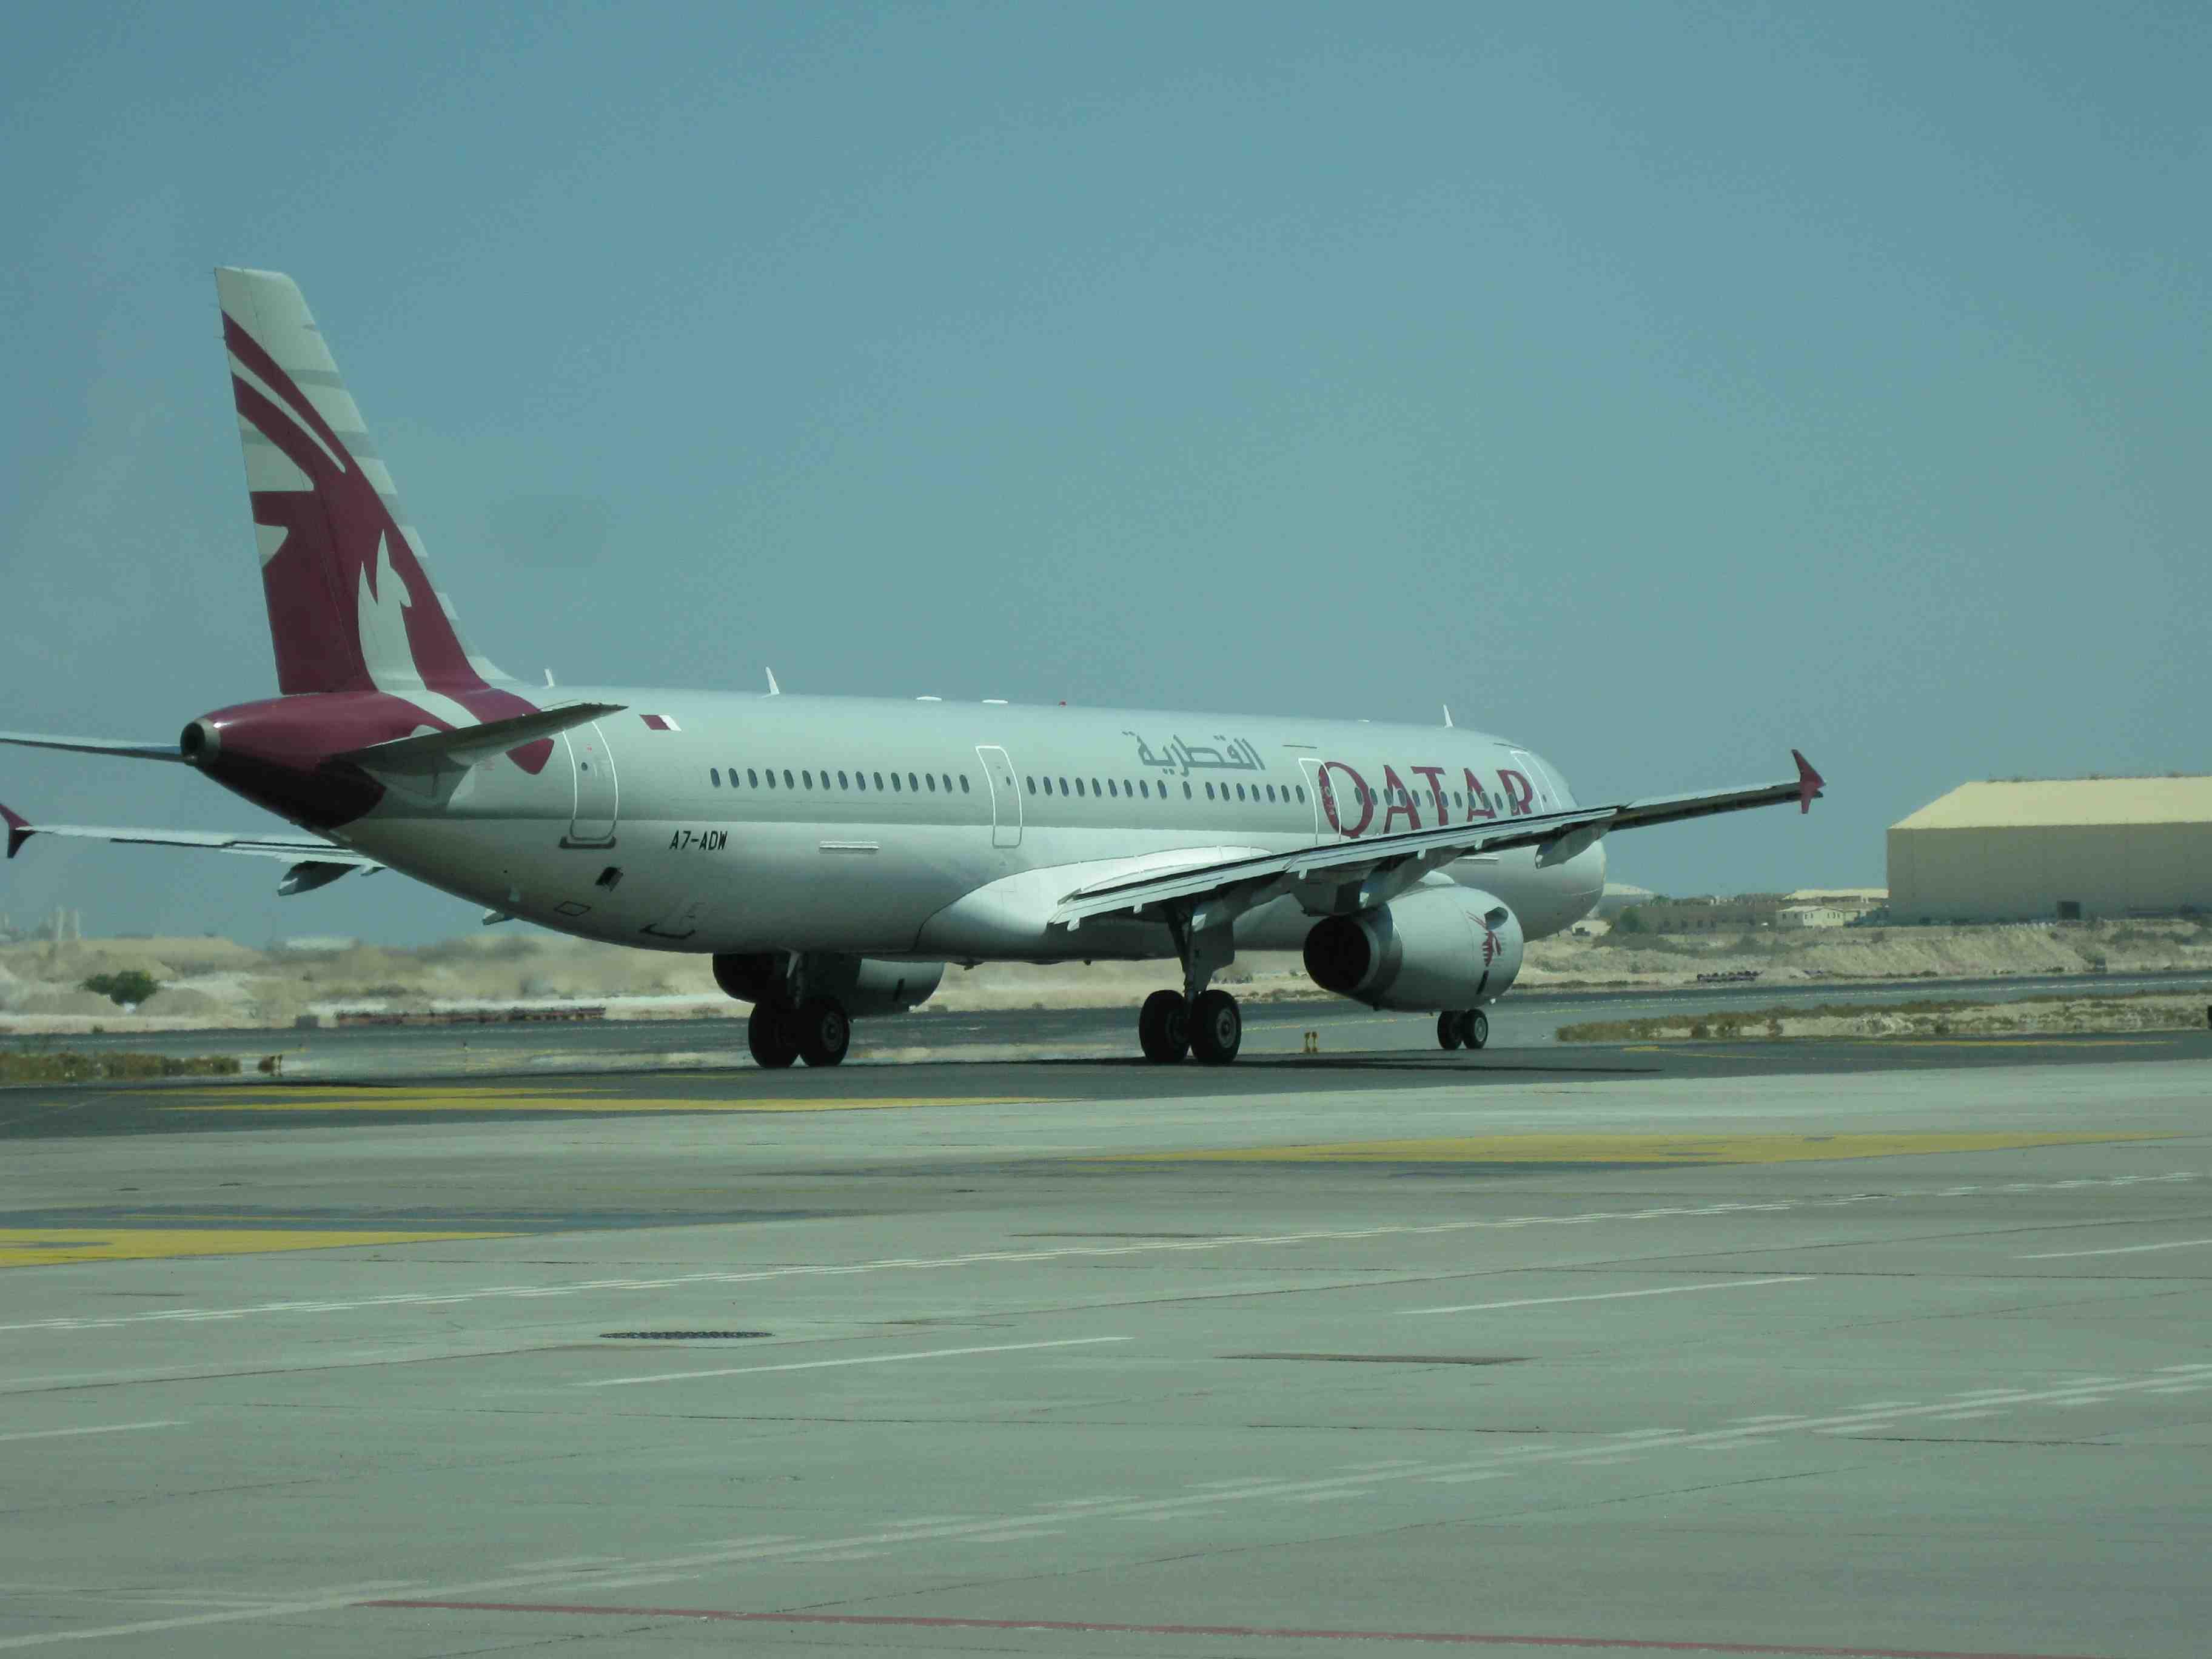 カタール航空 : Diario de Tomomi